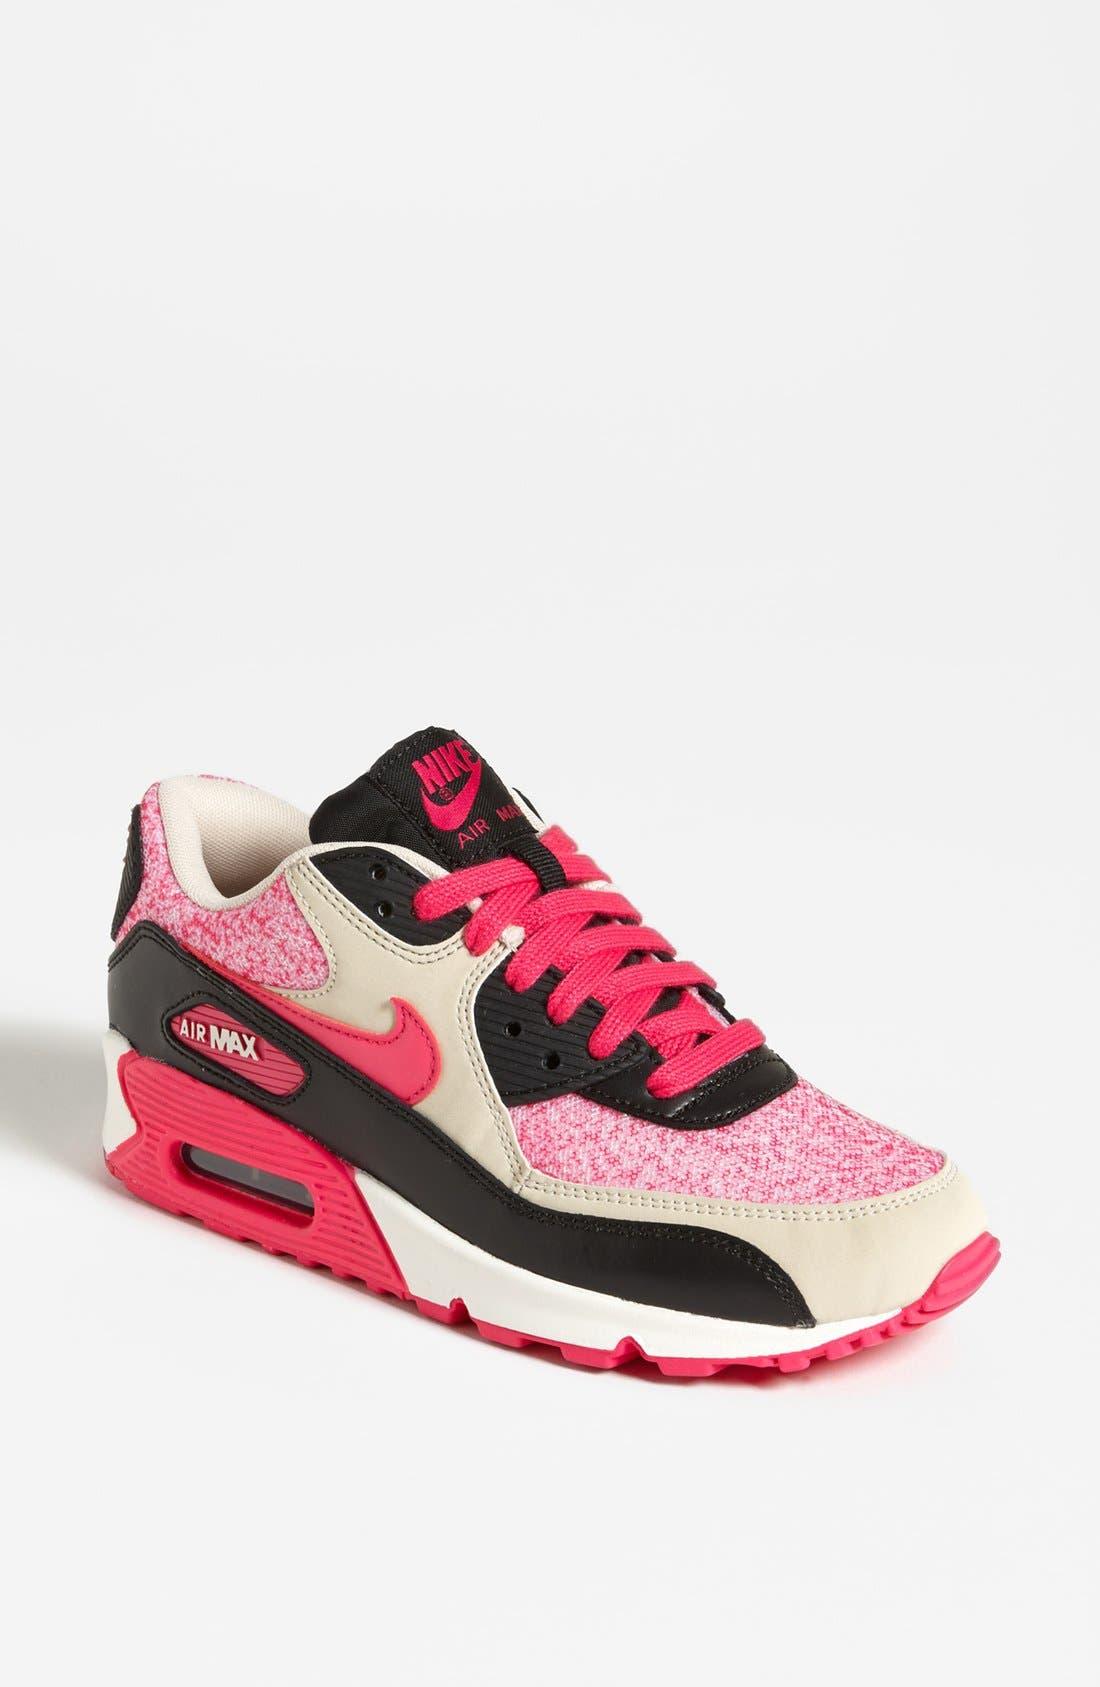 Main Image - Nike 'Air Max 90' Sneaker (Women)